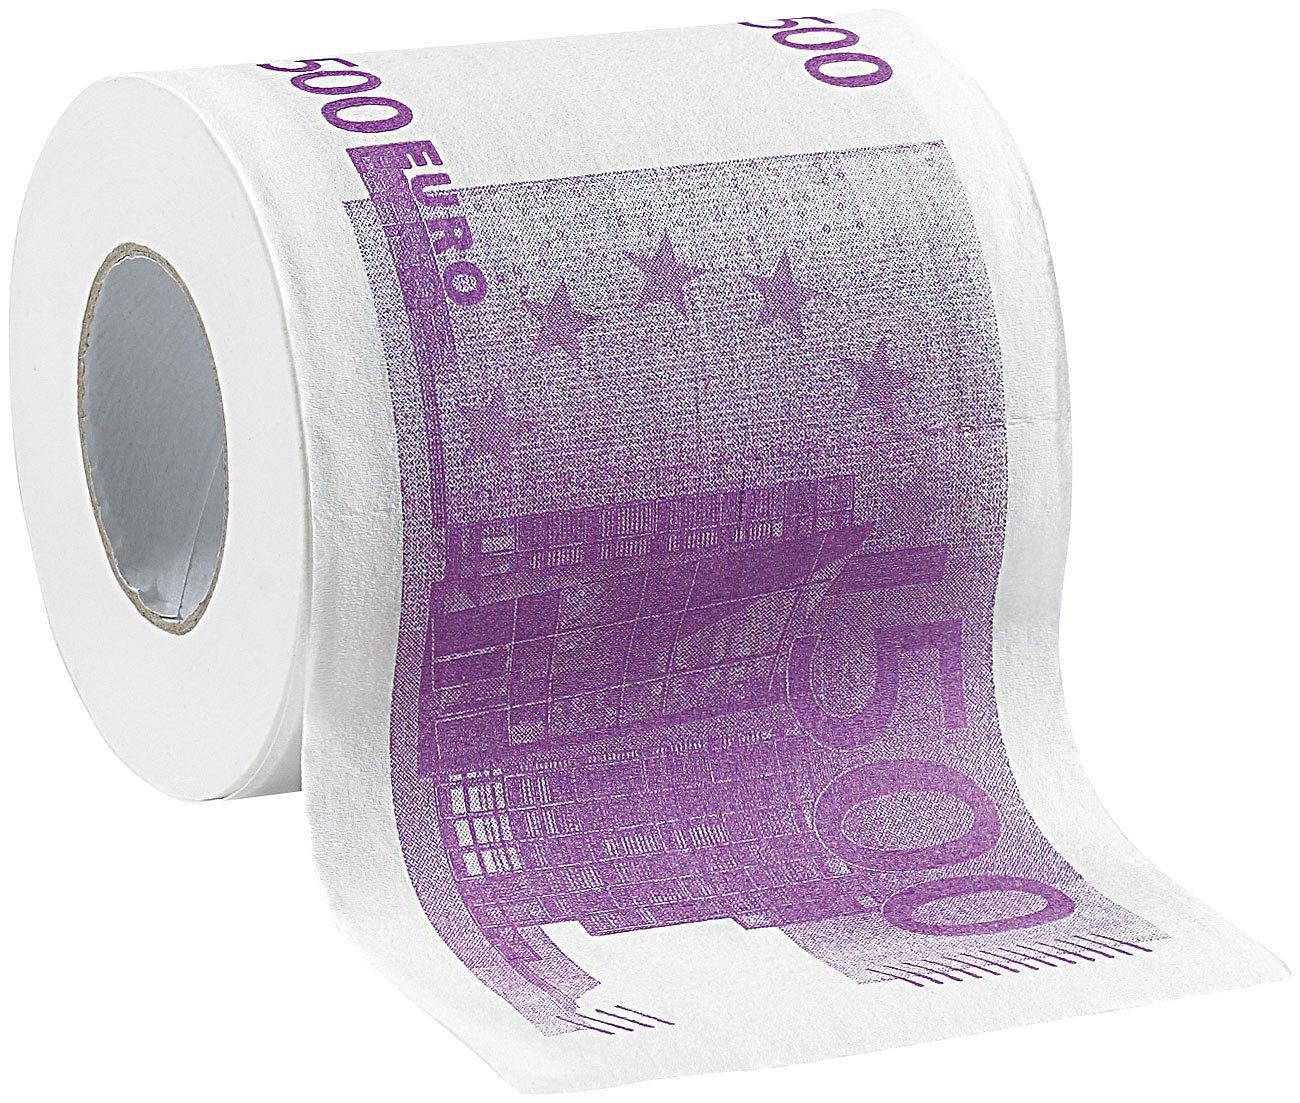 Klopapierrolle - bedruckt mit 500€ Geldscheinen